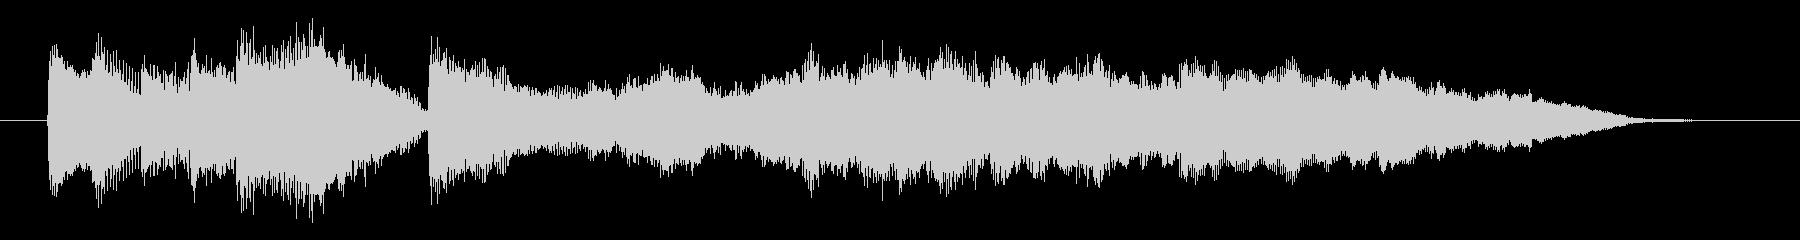 ピアノとストリングスによるジングルです。の未再生の波形